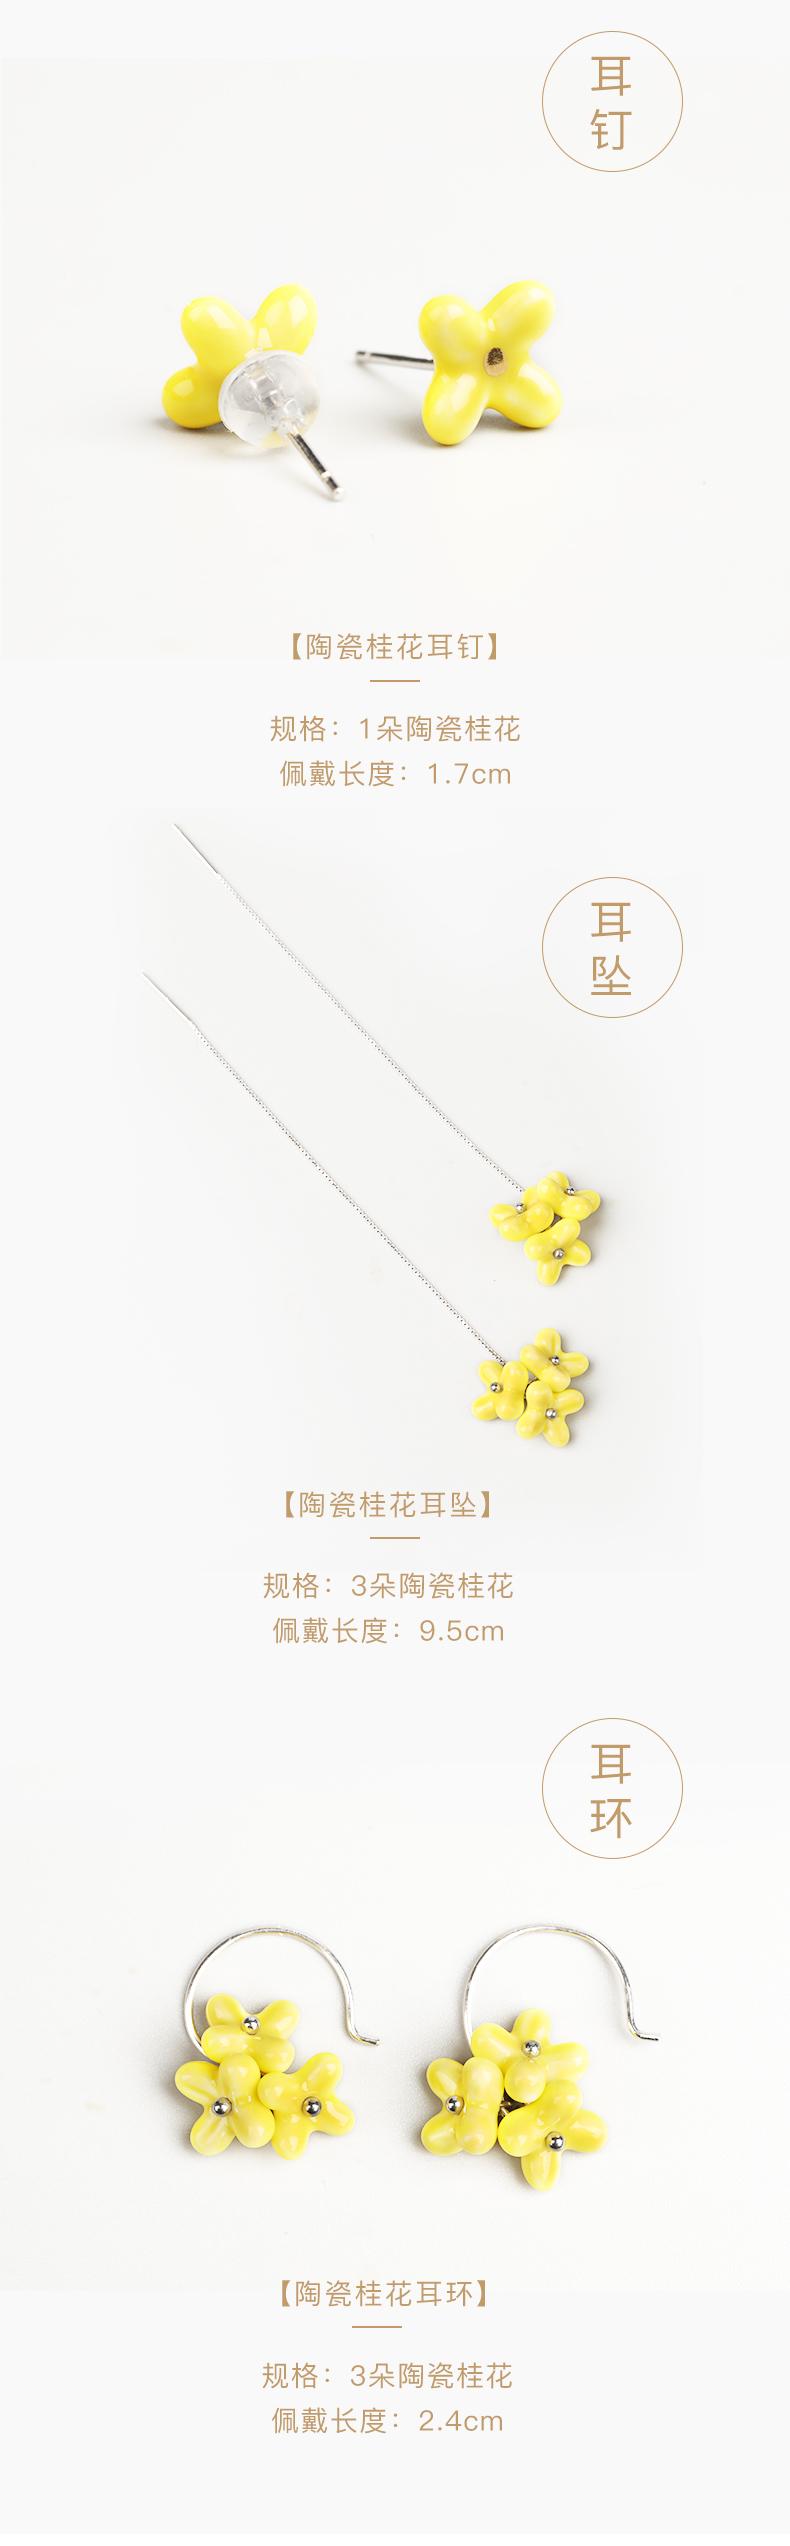 陶瓷桂花首饰_12.jpg